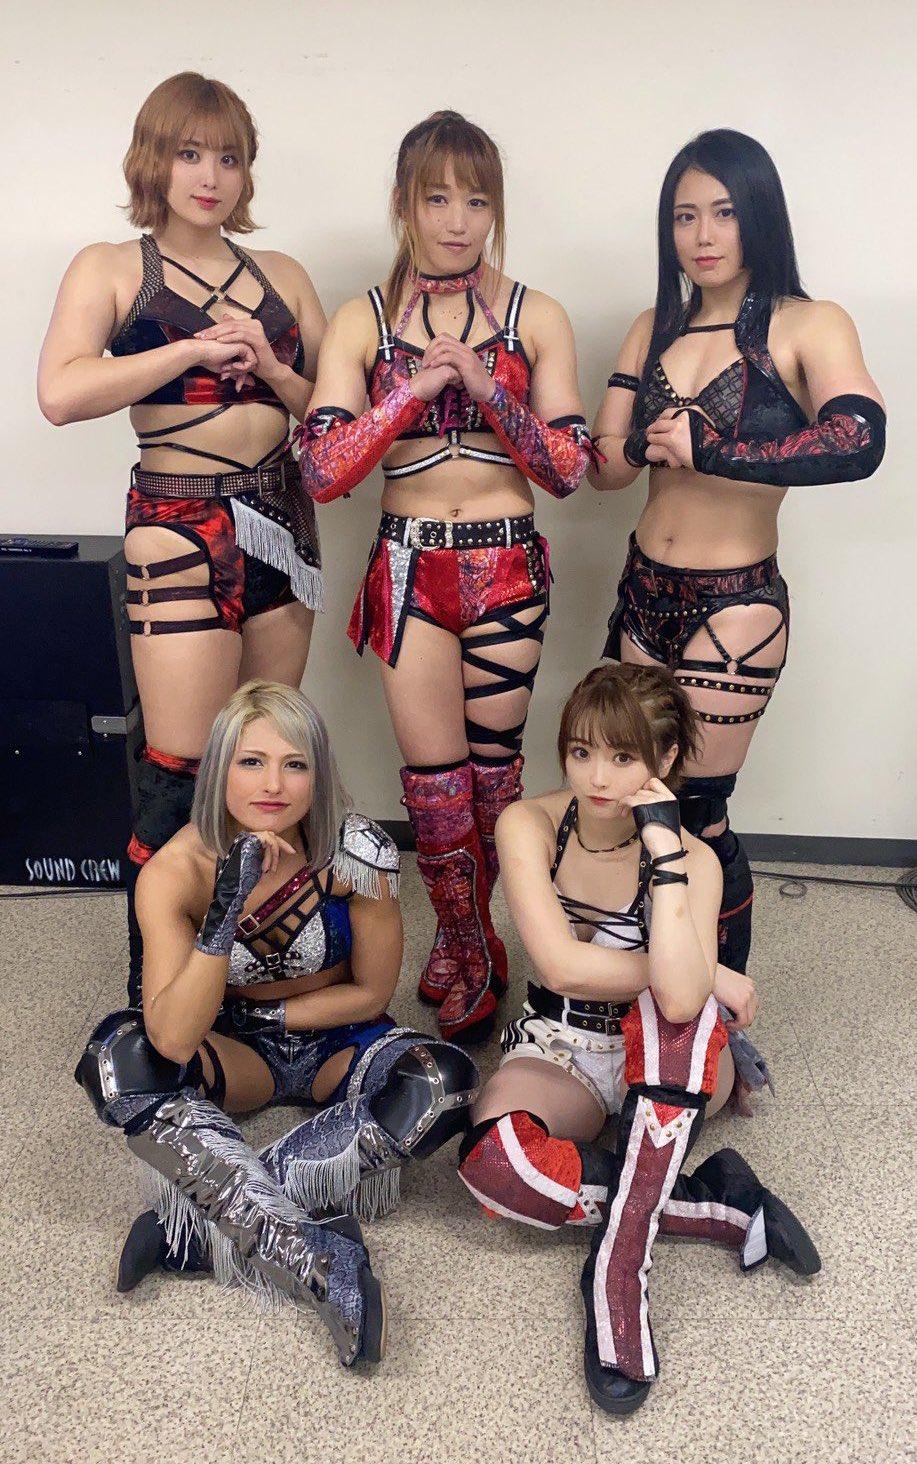 【画像】この女の子たち全員と戦って勝てたら500万円、やる?